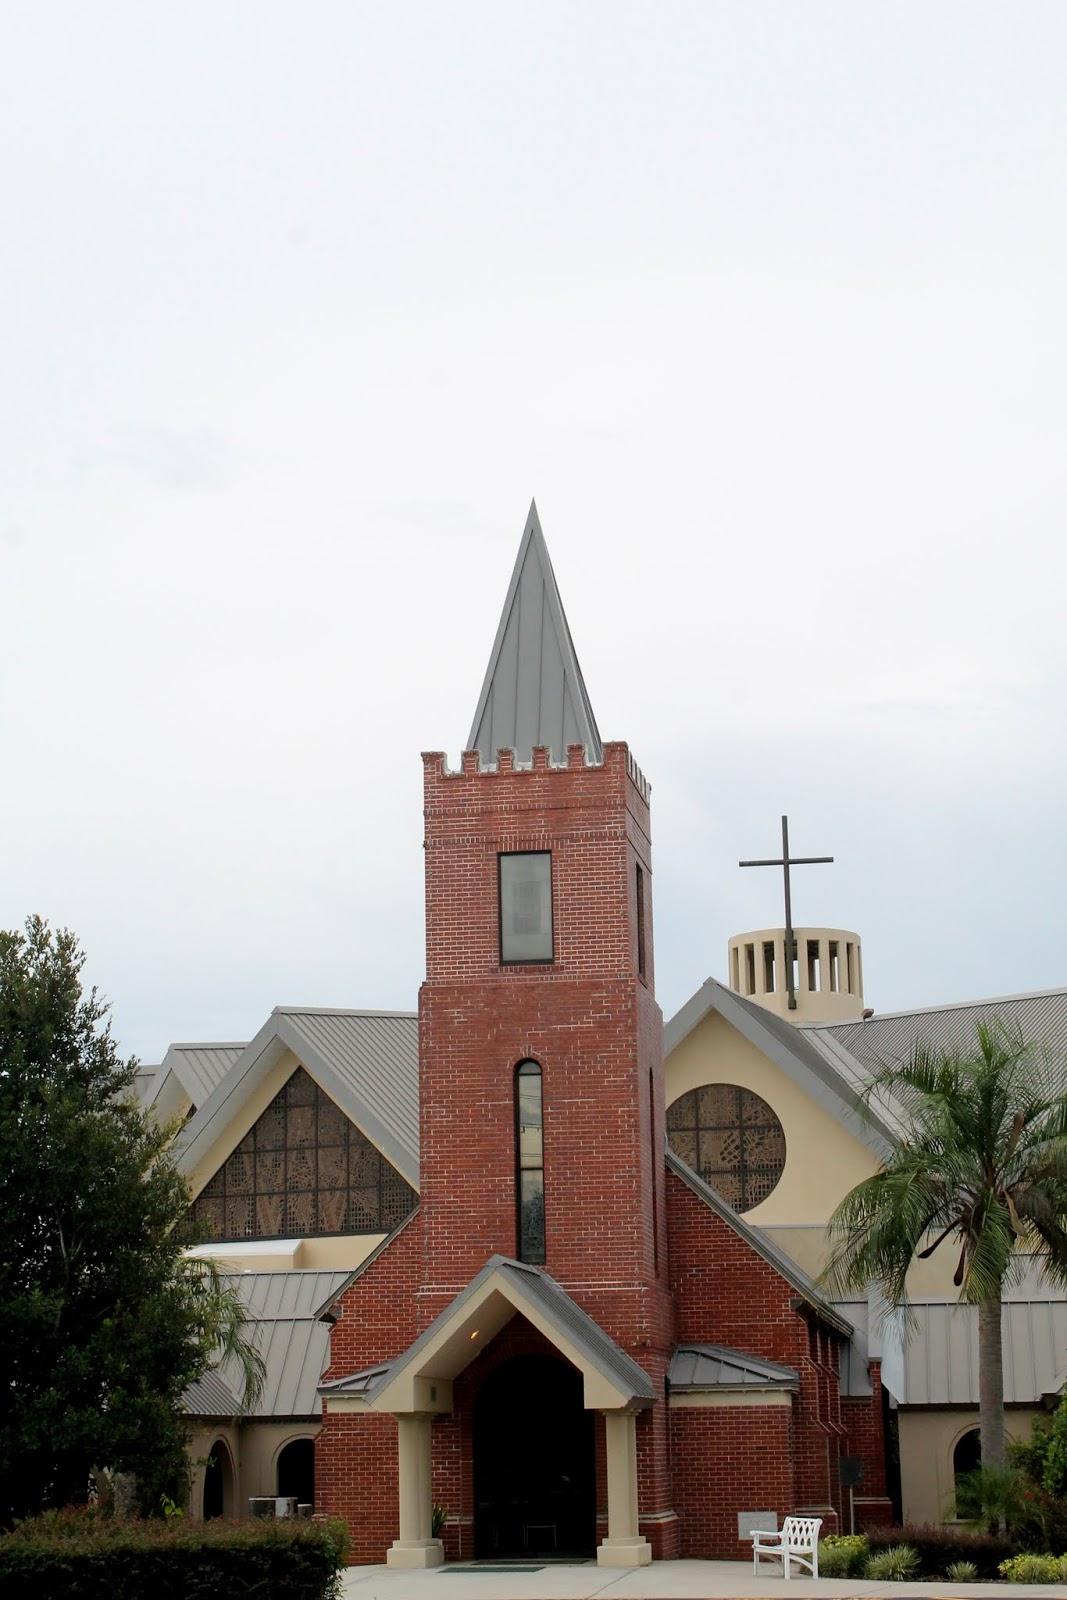 St Luke's en Slavia